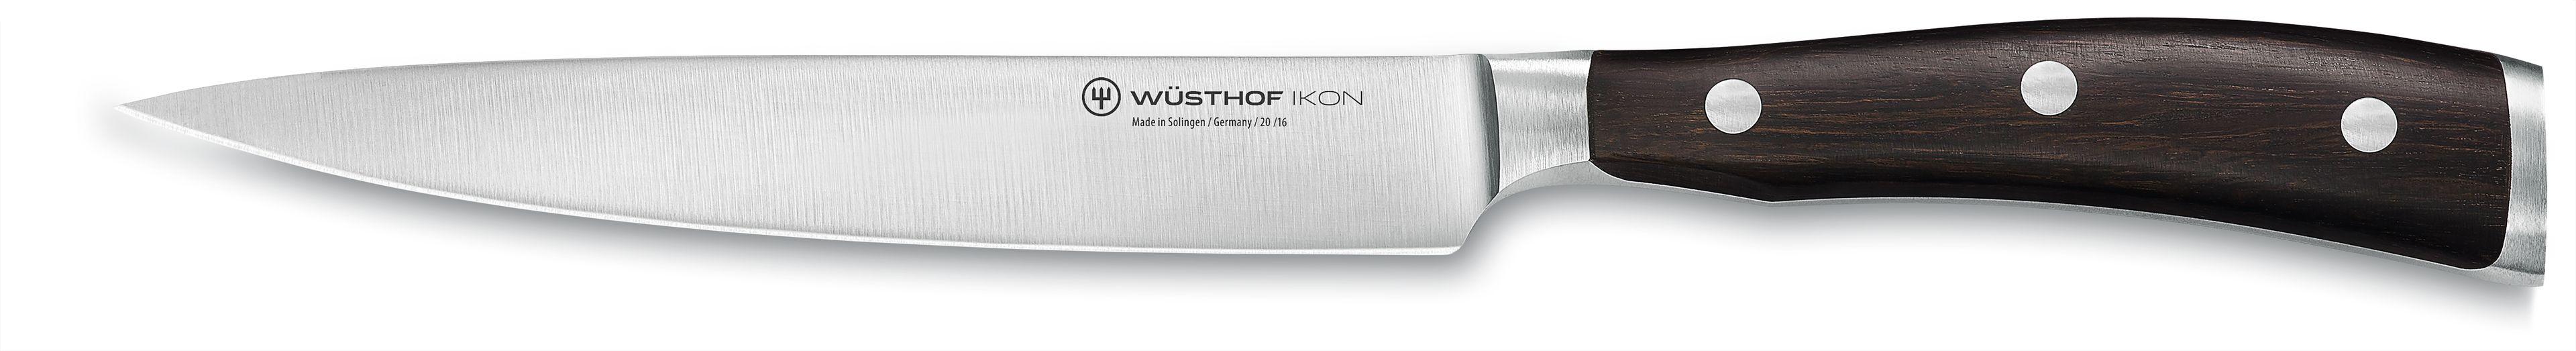 Wüsthof Schinkenmesser Ikon 16 cm